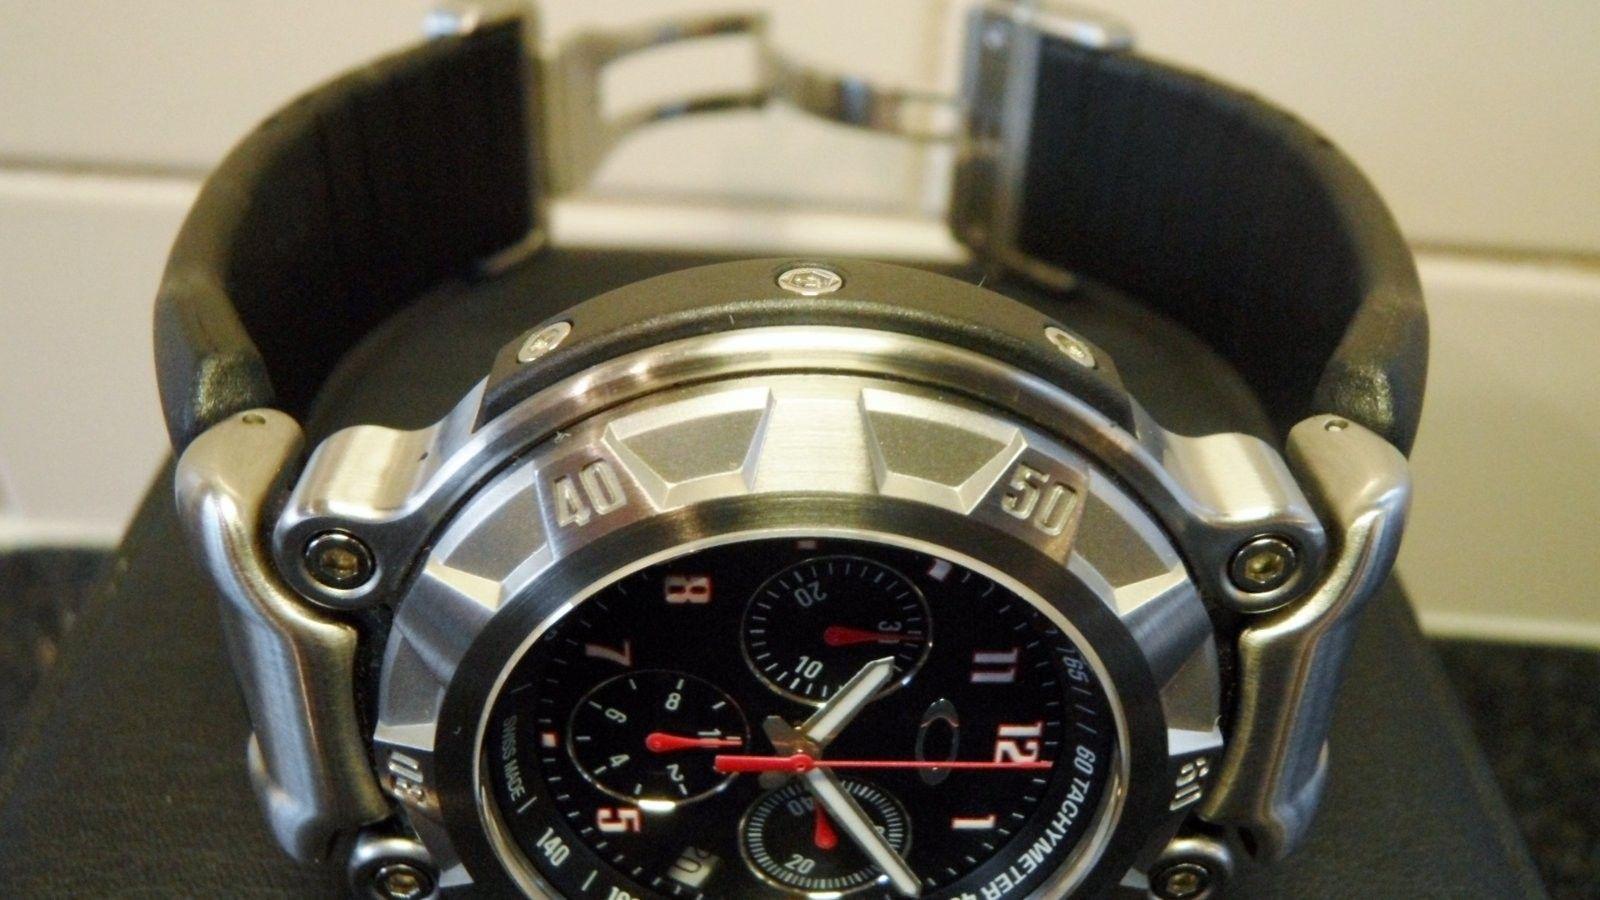 Brand New Crankcase Watch Stainless Steel/Black with Unobtanium - SAM_0017.JPG